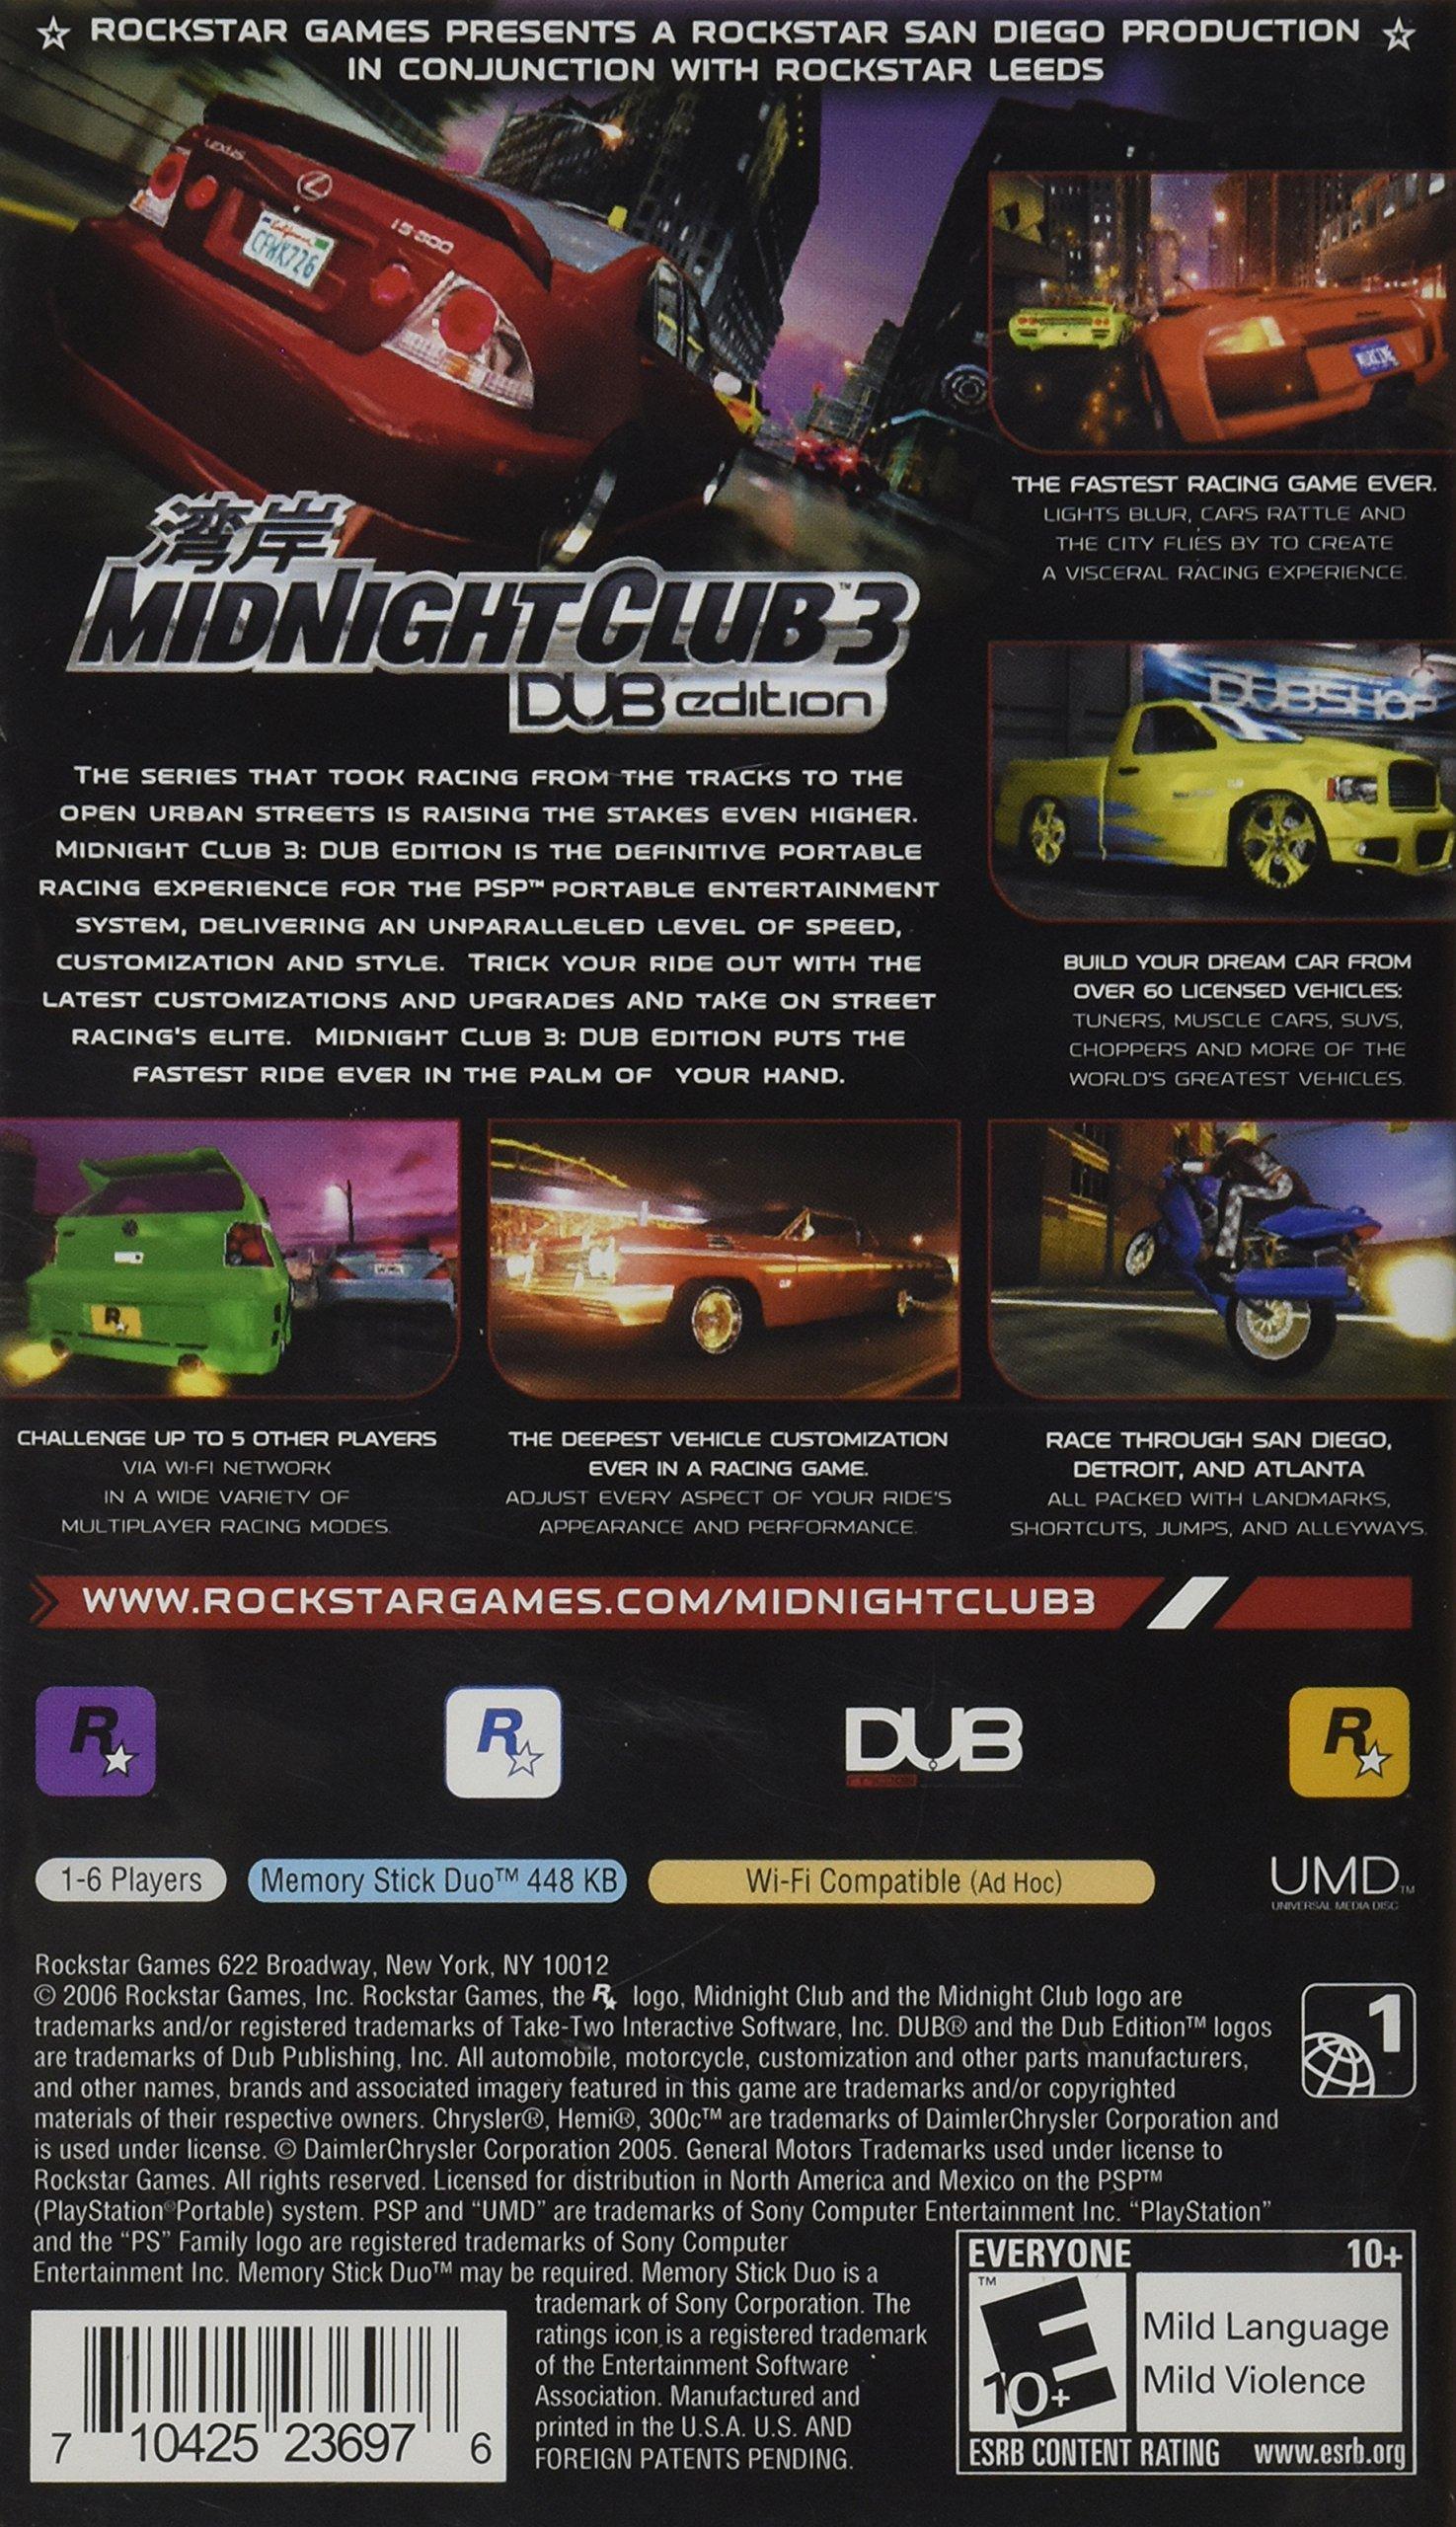 Midnight Club 3, Dub Edition, Sony PSP by Rockstar Games (Image #2)